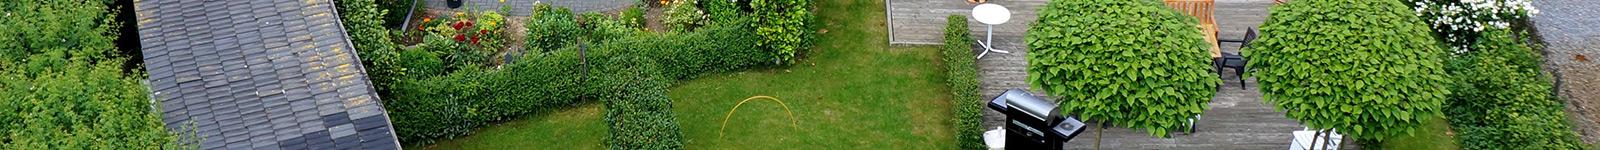 Mobile Zeiterfassung für Garten Landschaftsbau